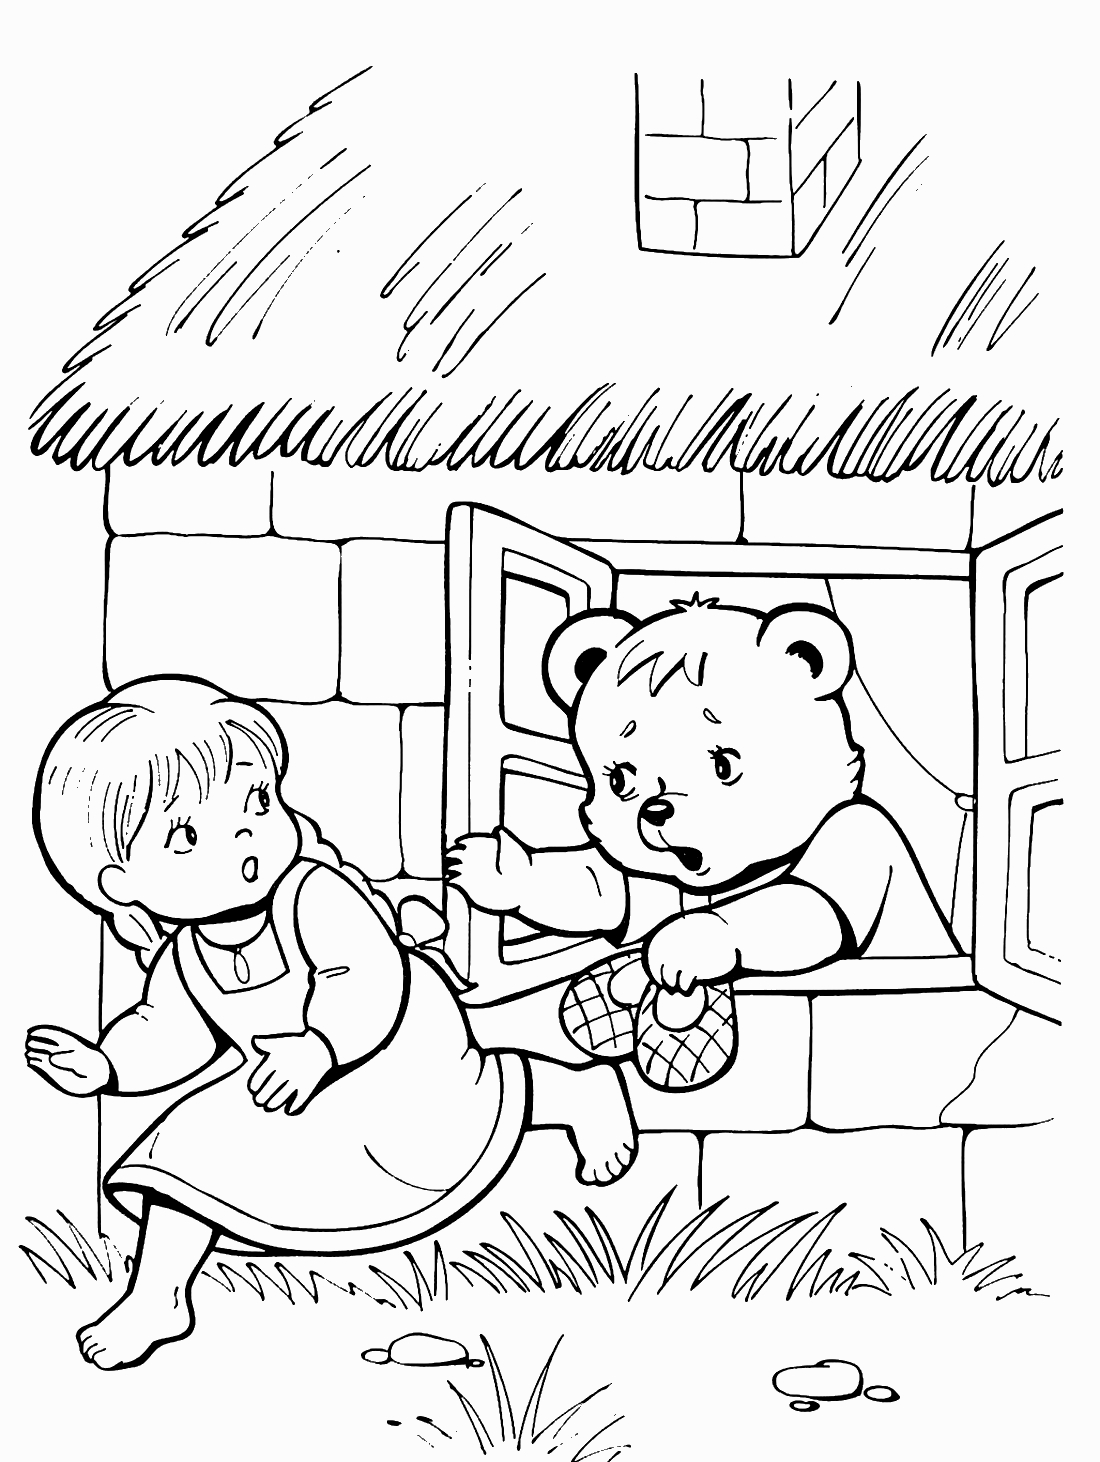 маша бежит от медведей раскраска 771 Printonic Ru